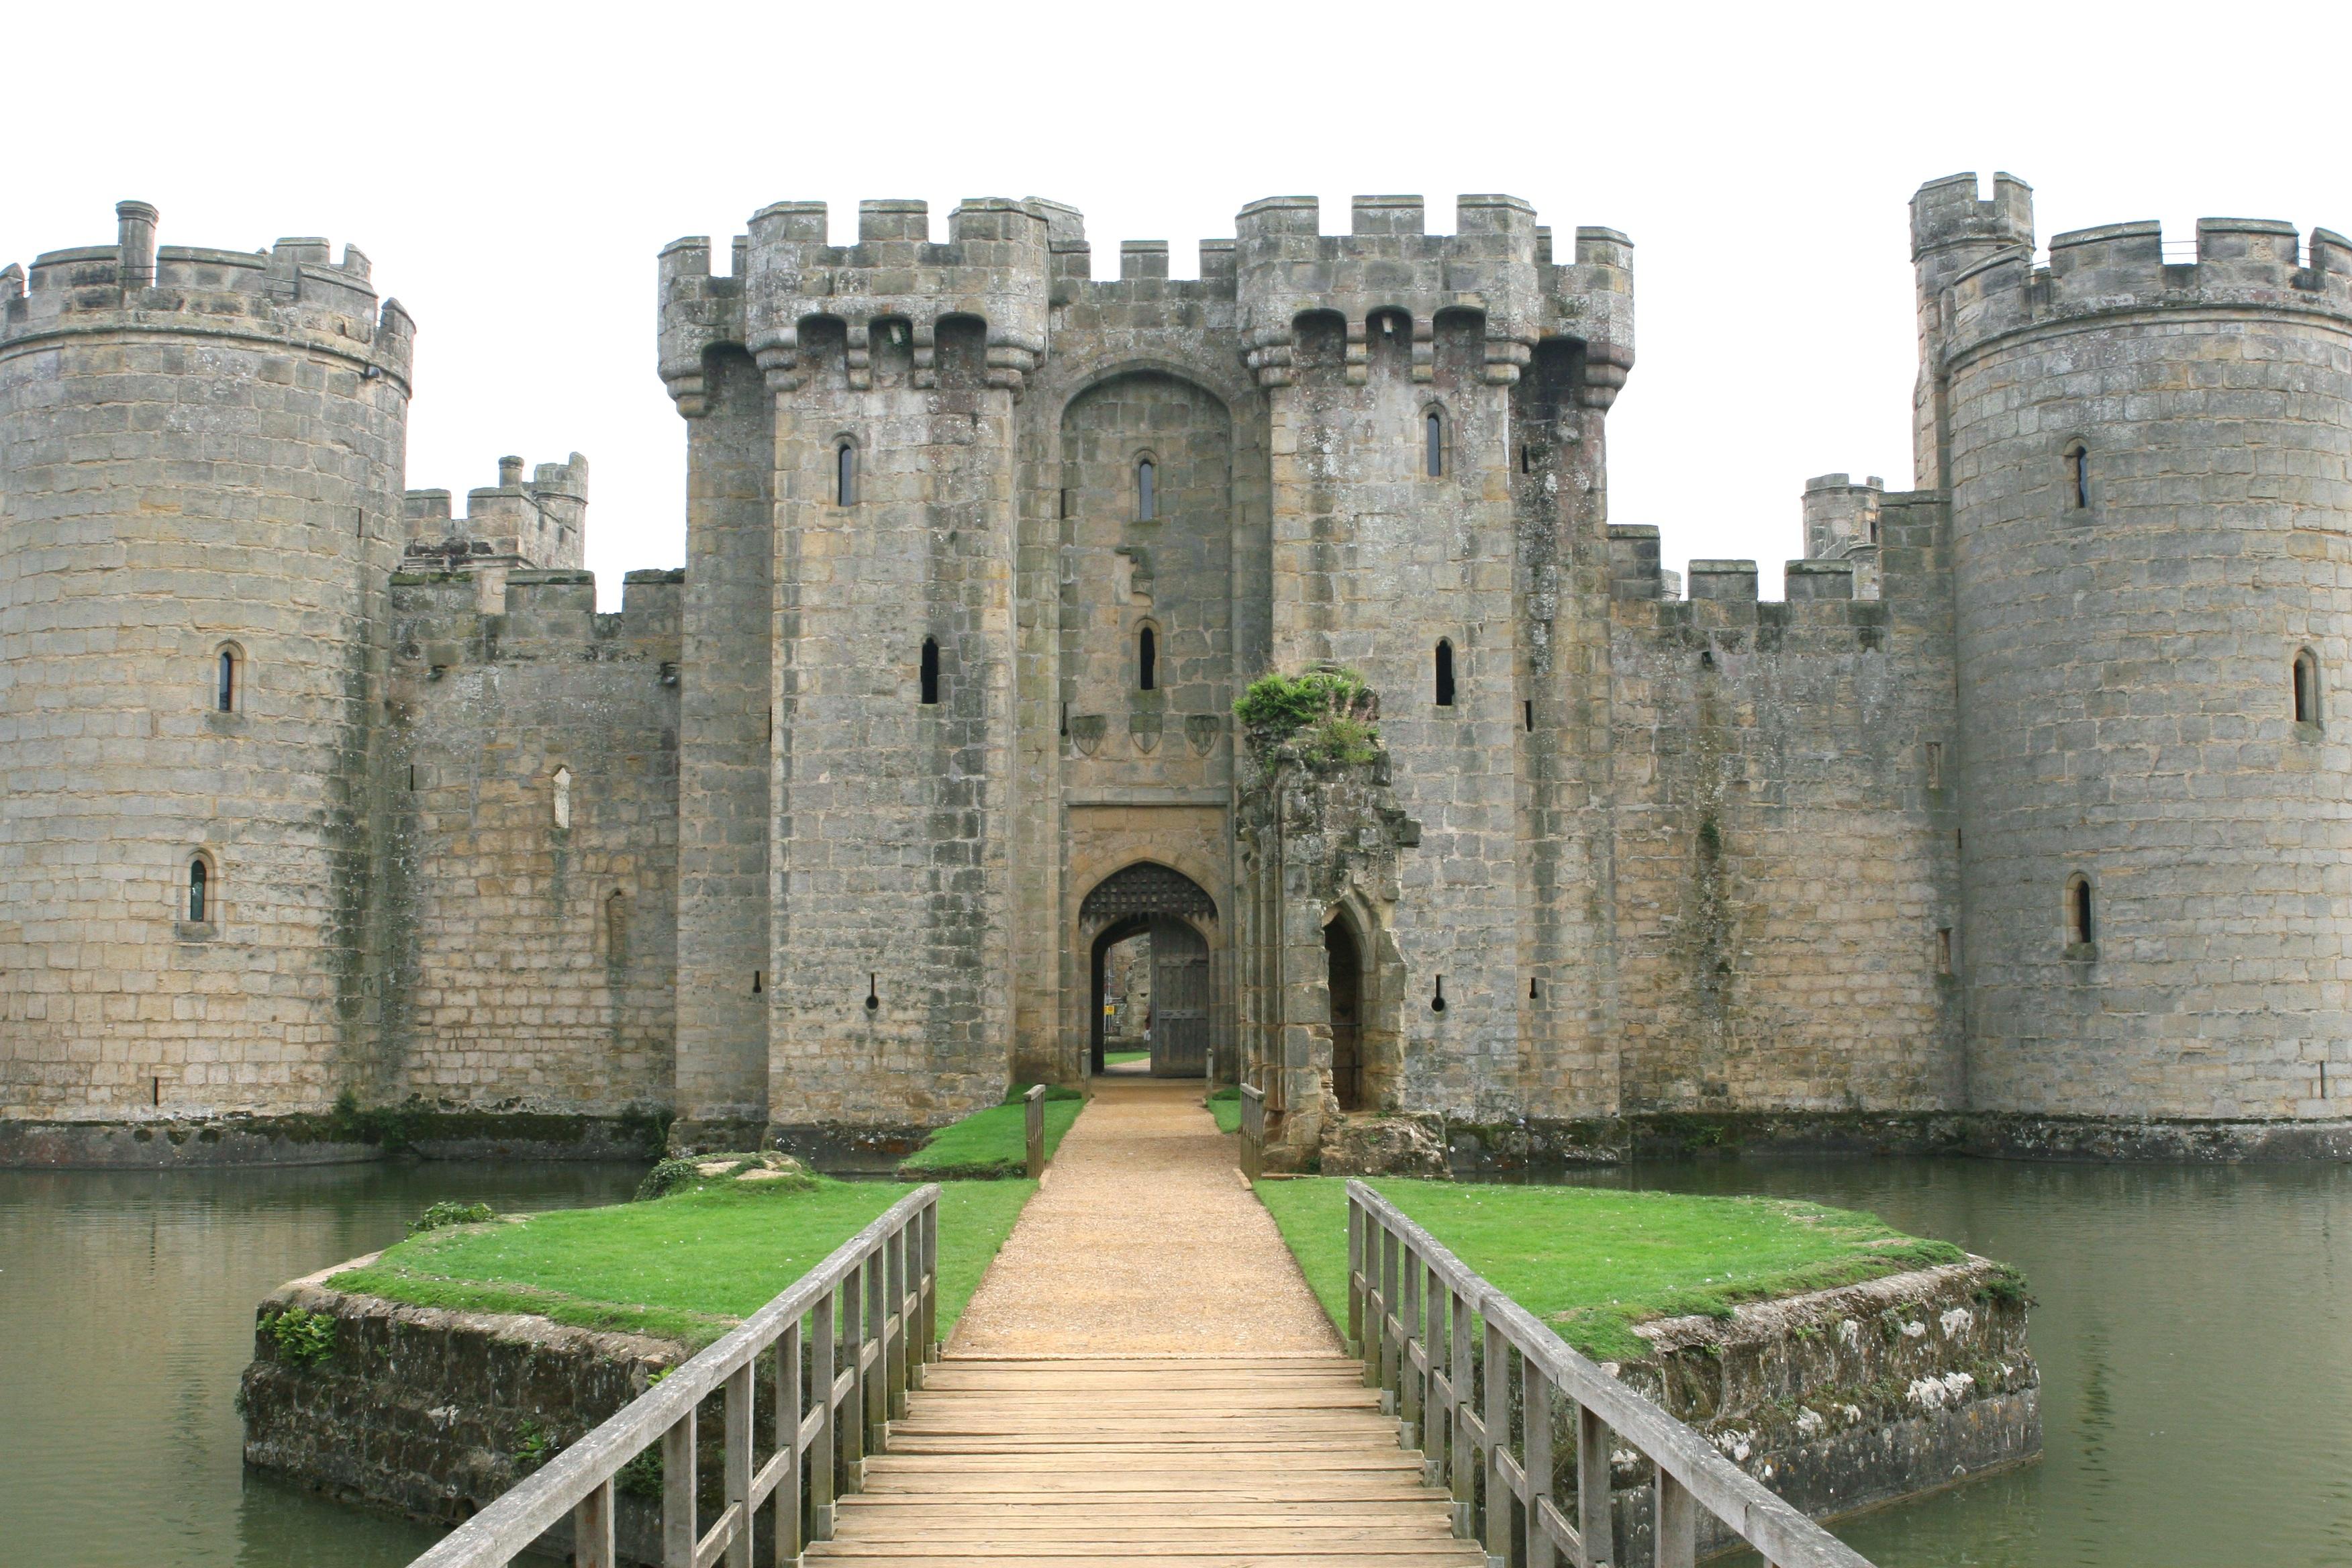 Excalibur - gratis middelalderlig britisk slot